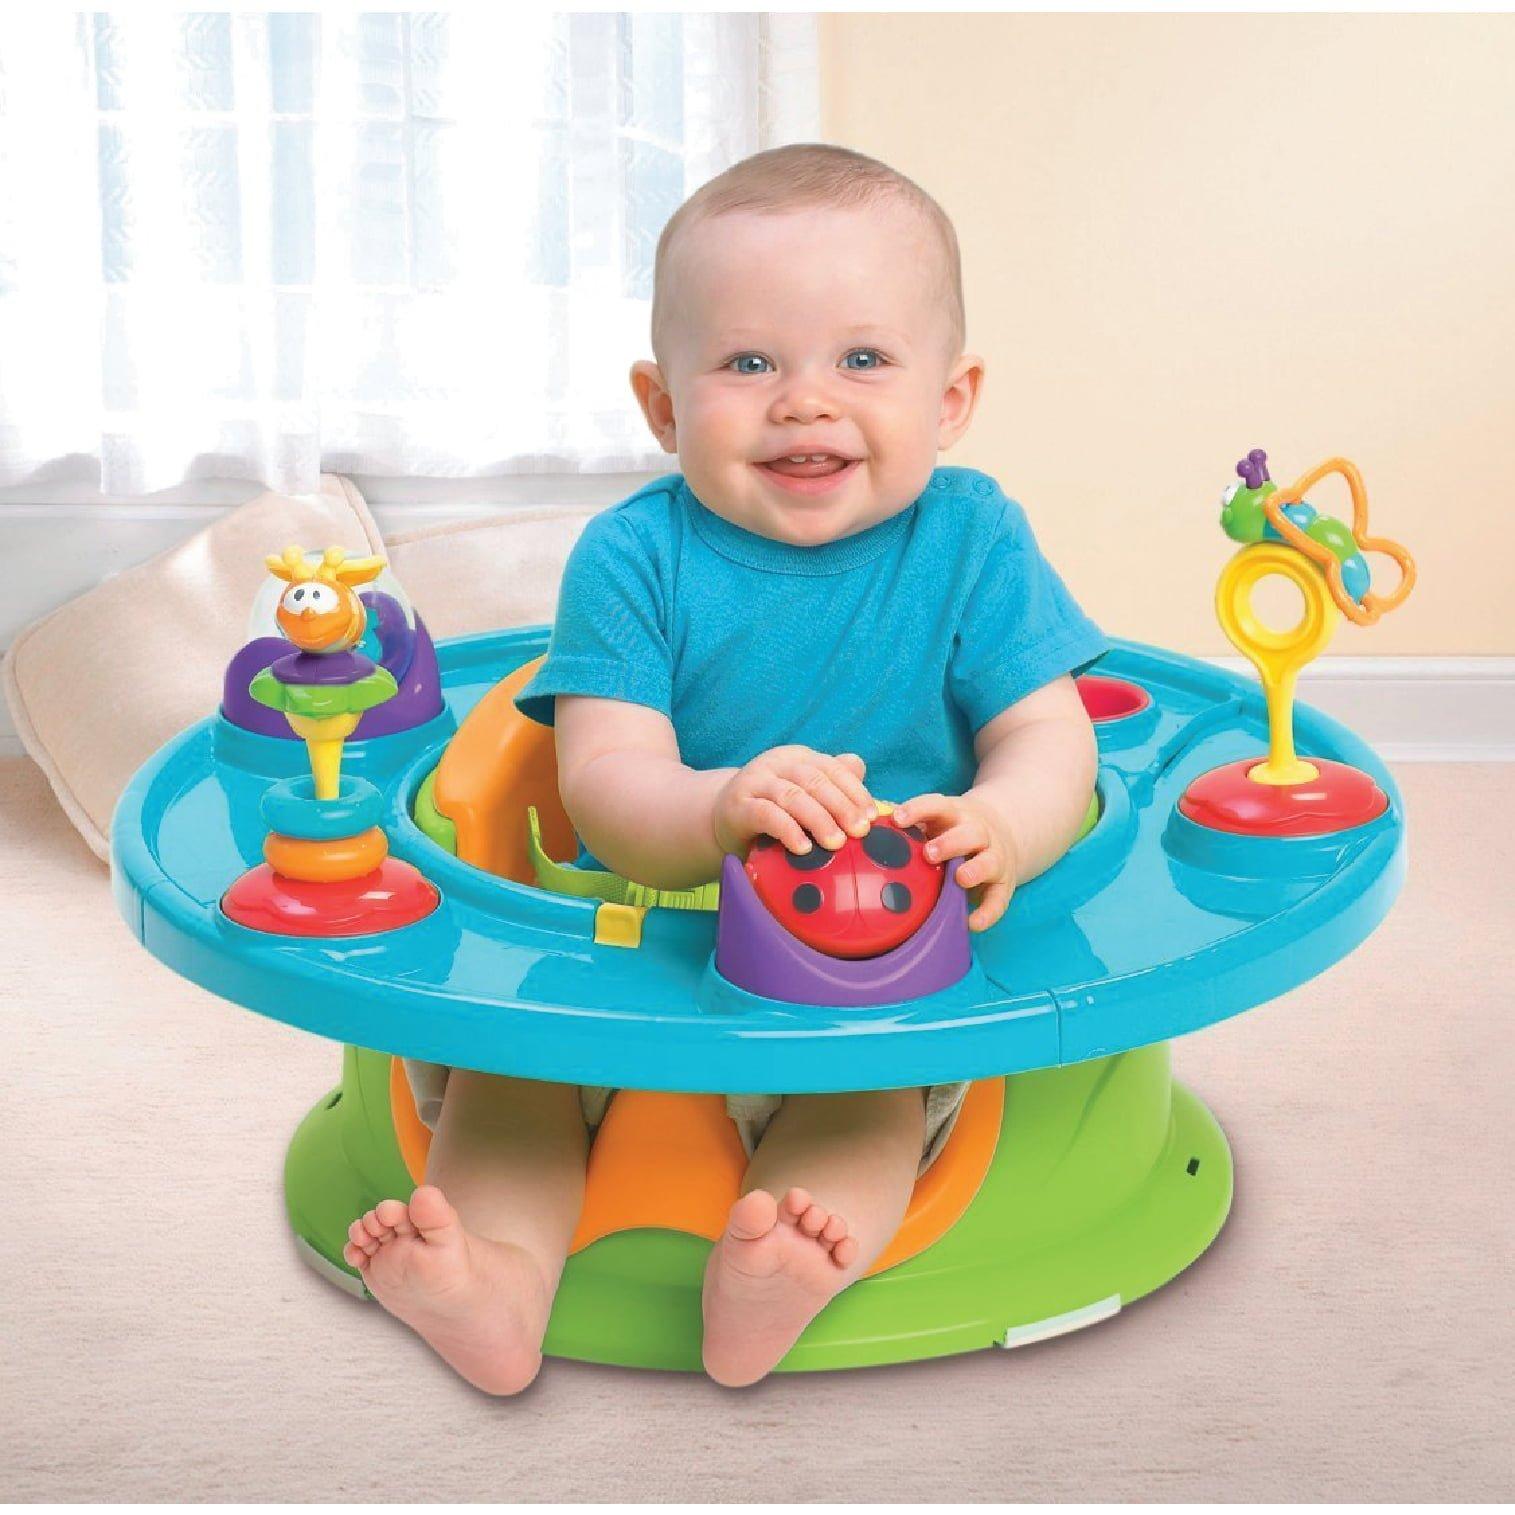 Summer Infant: 3 Stage Super Seat